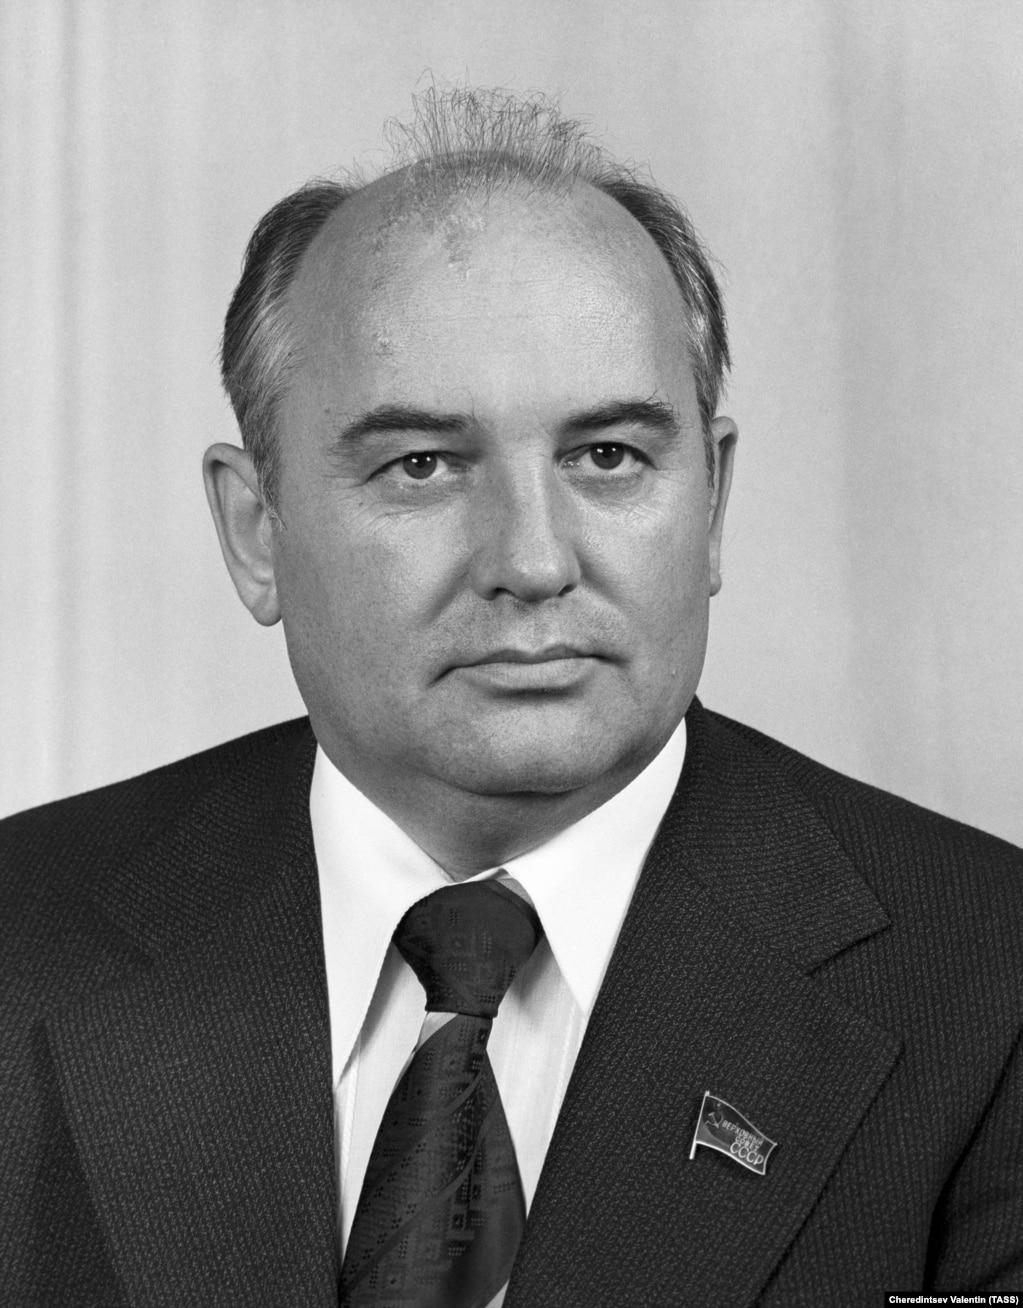 На раньніх здымках Гарбачова радзімыя плямы хаваліся. Большасьць здымкаў рабілі пад такім вуглом, каб іх не было відаць, але на гэтым здымку з 1978 году над патрэтам будучага савецкага лідэра папрацавалі спэцыялісты ў рэтушаваньні.